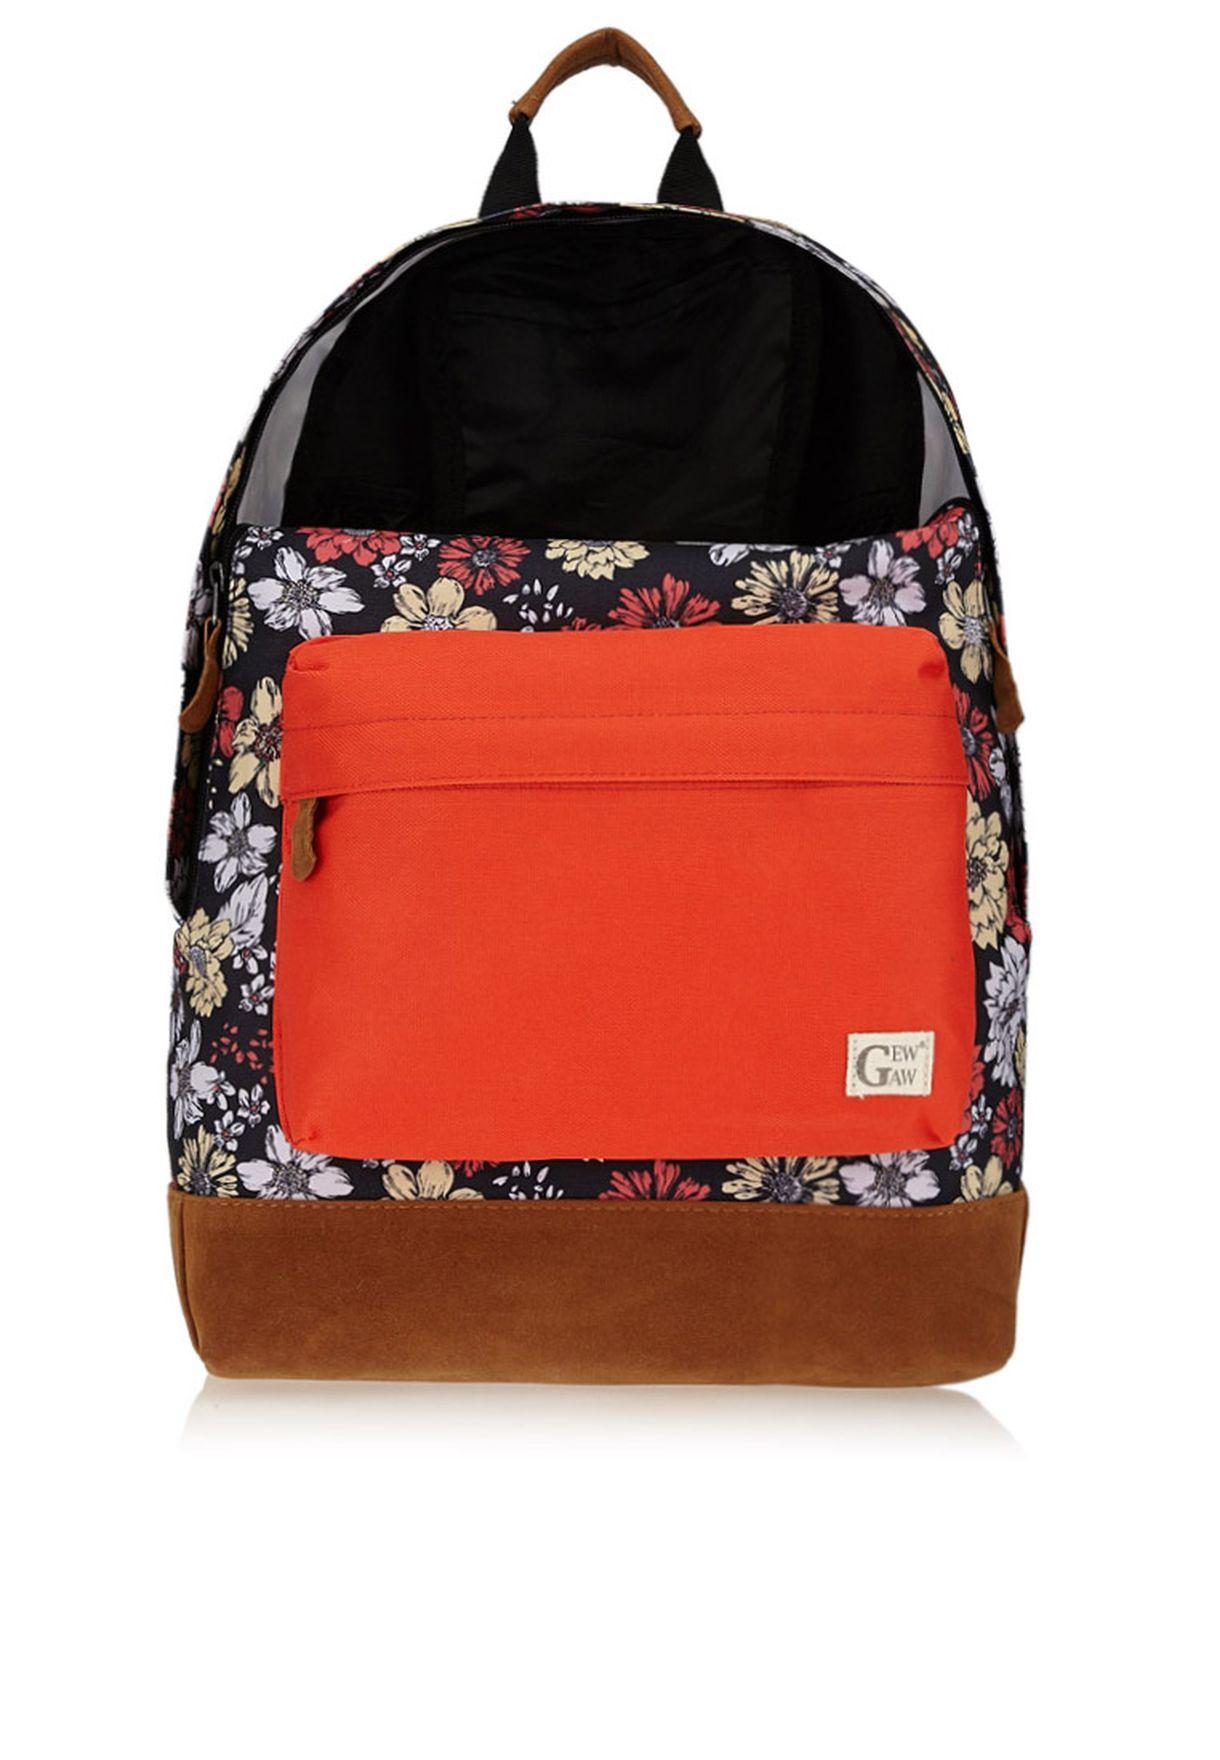 a3e50d8d83b7c تسوق حقيبة ظهر منقوشة ماركة جي جاو لون متعدد الألوان في السعودية ...